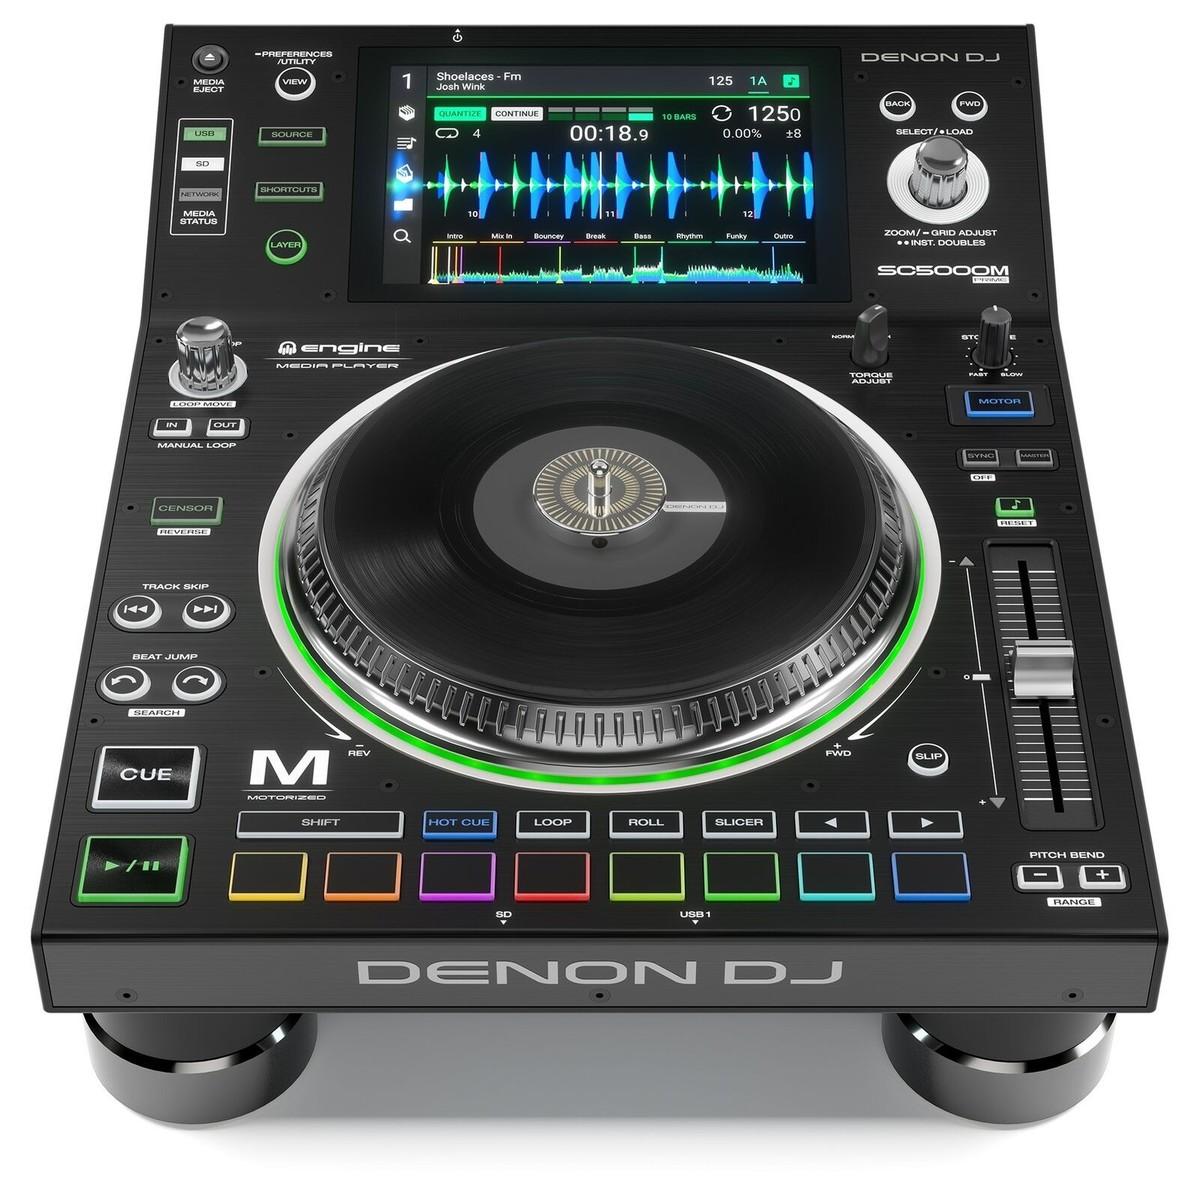 Denon Media Player : denon dj sc5000m prime media player at gear4music ~ Hamham.info Haus und Dekorationen